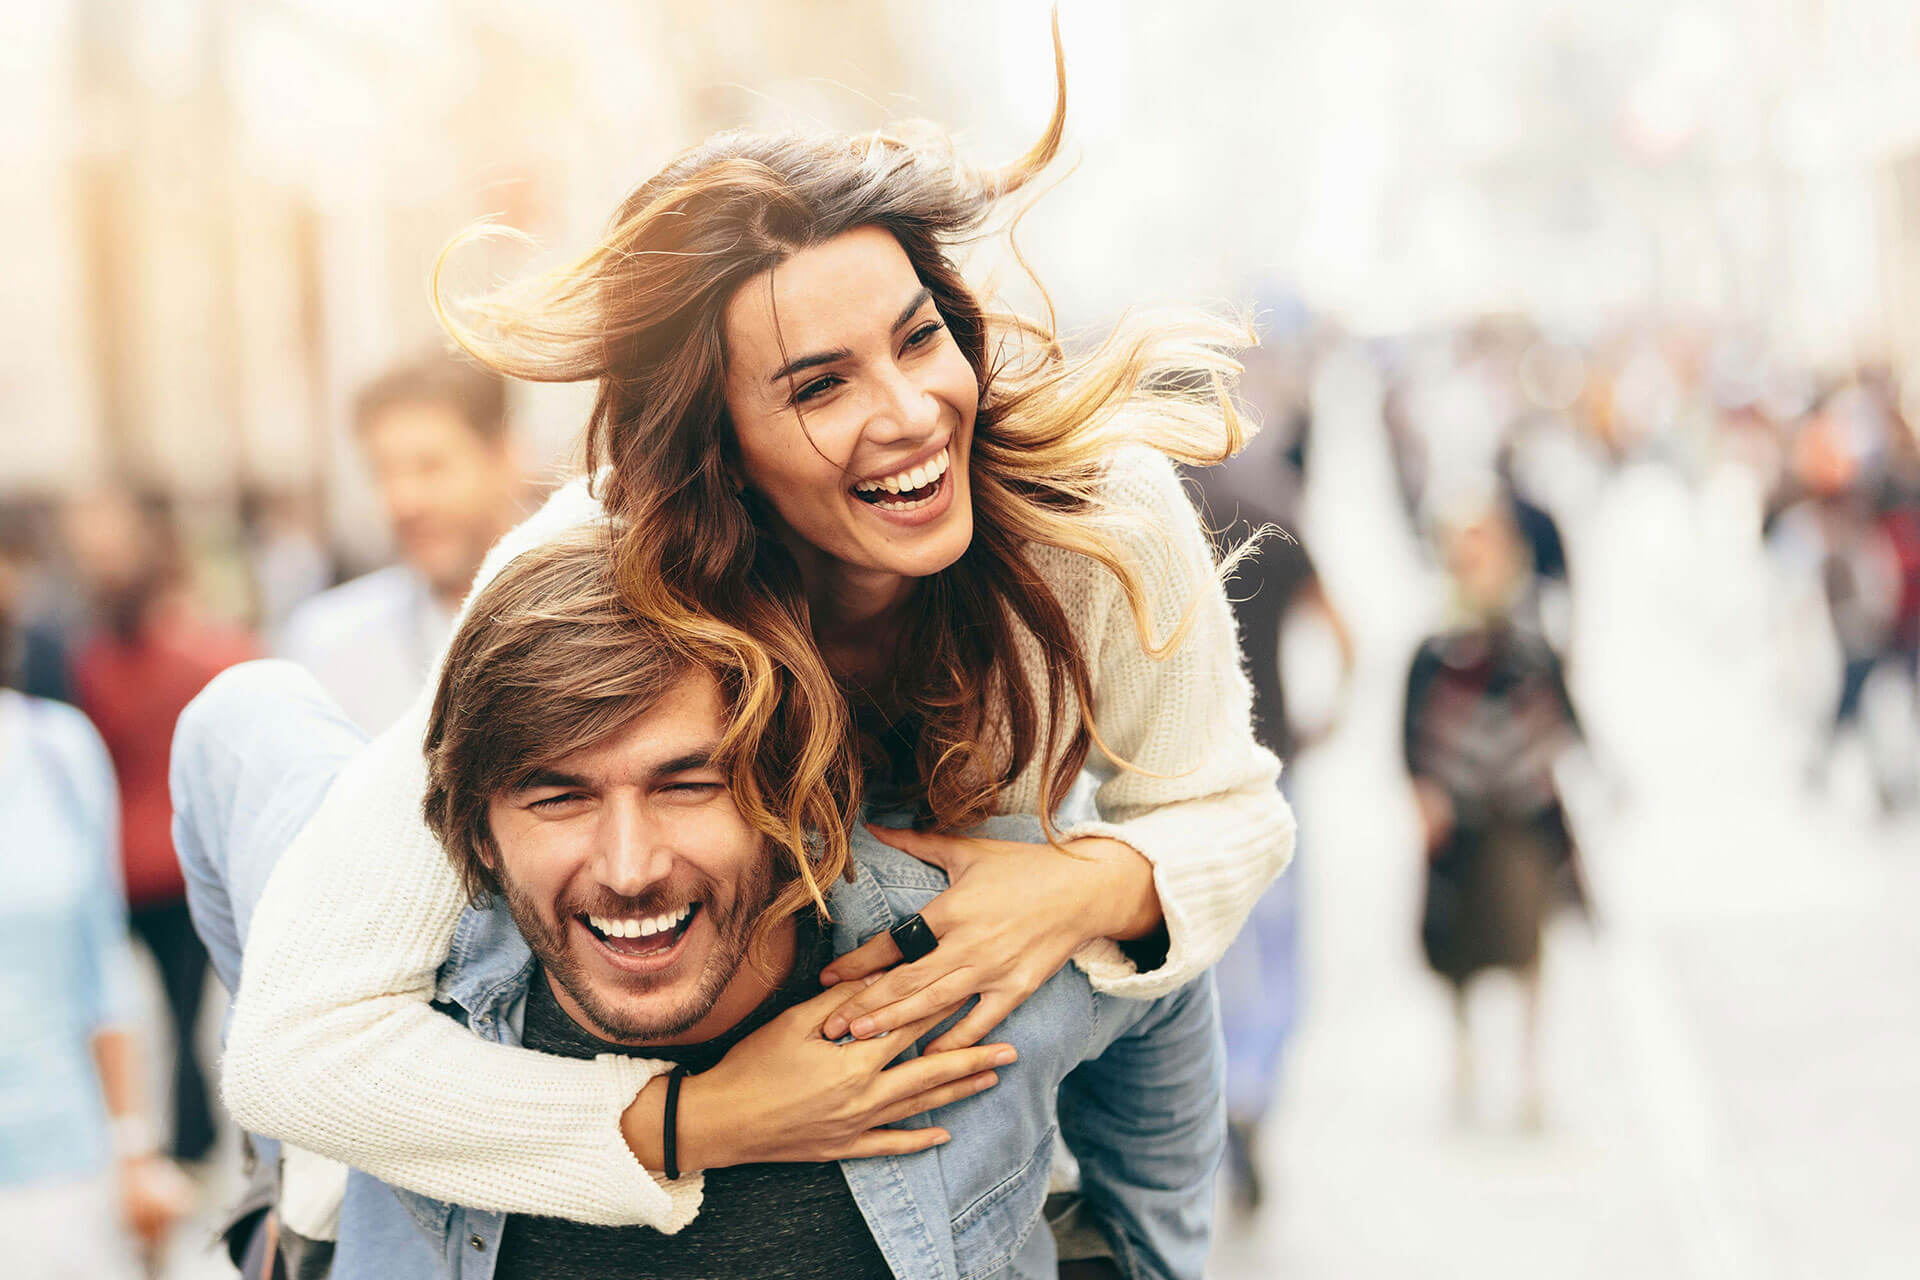 frases dia dos namorados, marido, esposa, engracadas, ingles, reflexao